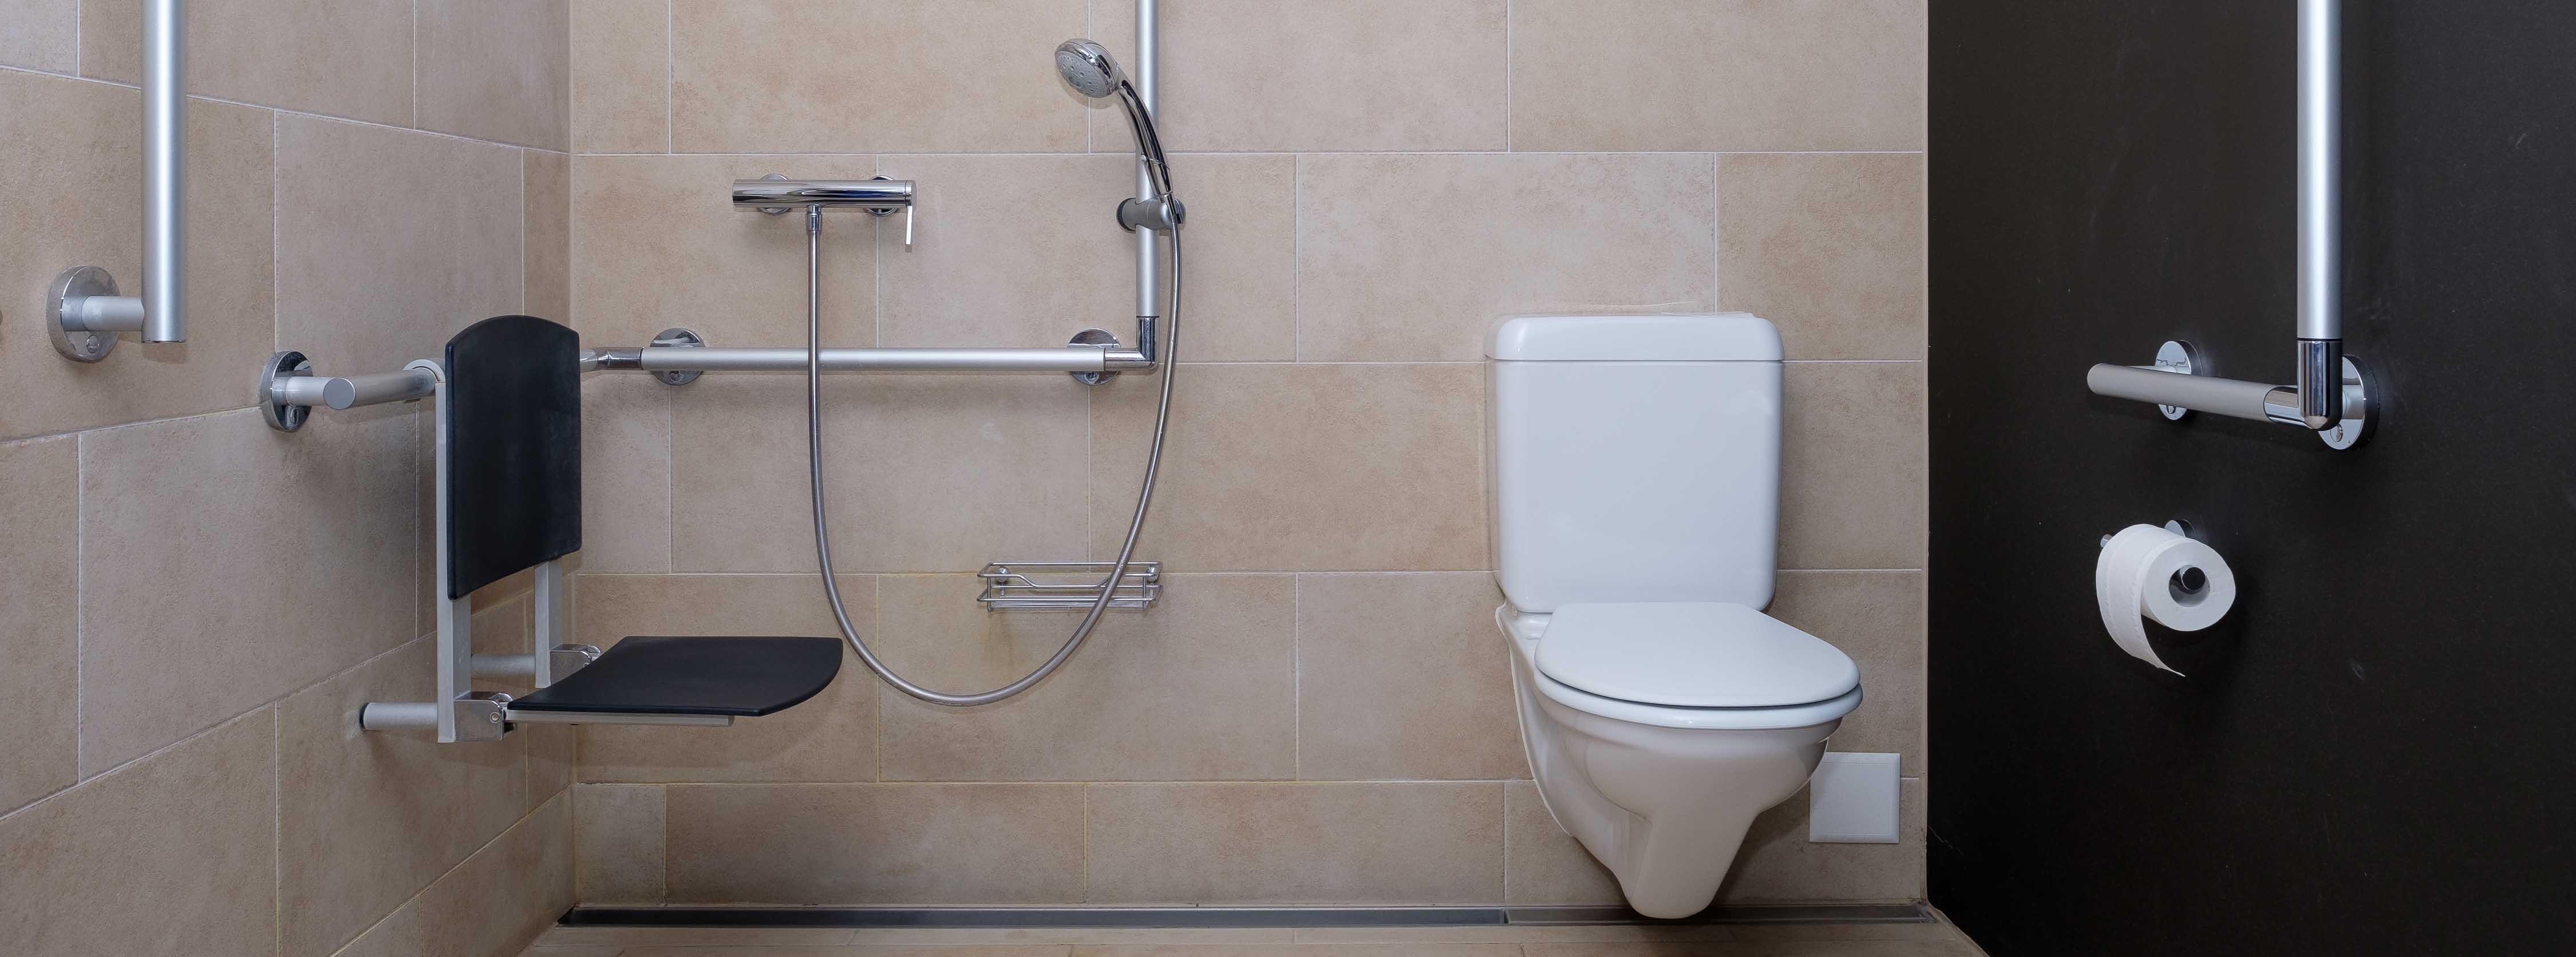 Salle De Bain Et Wc Dans Espace Reduit espaces sanitaires dans les constructions avec logements